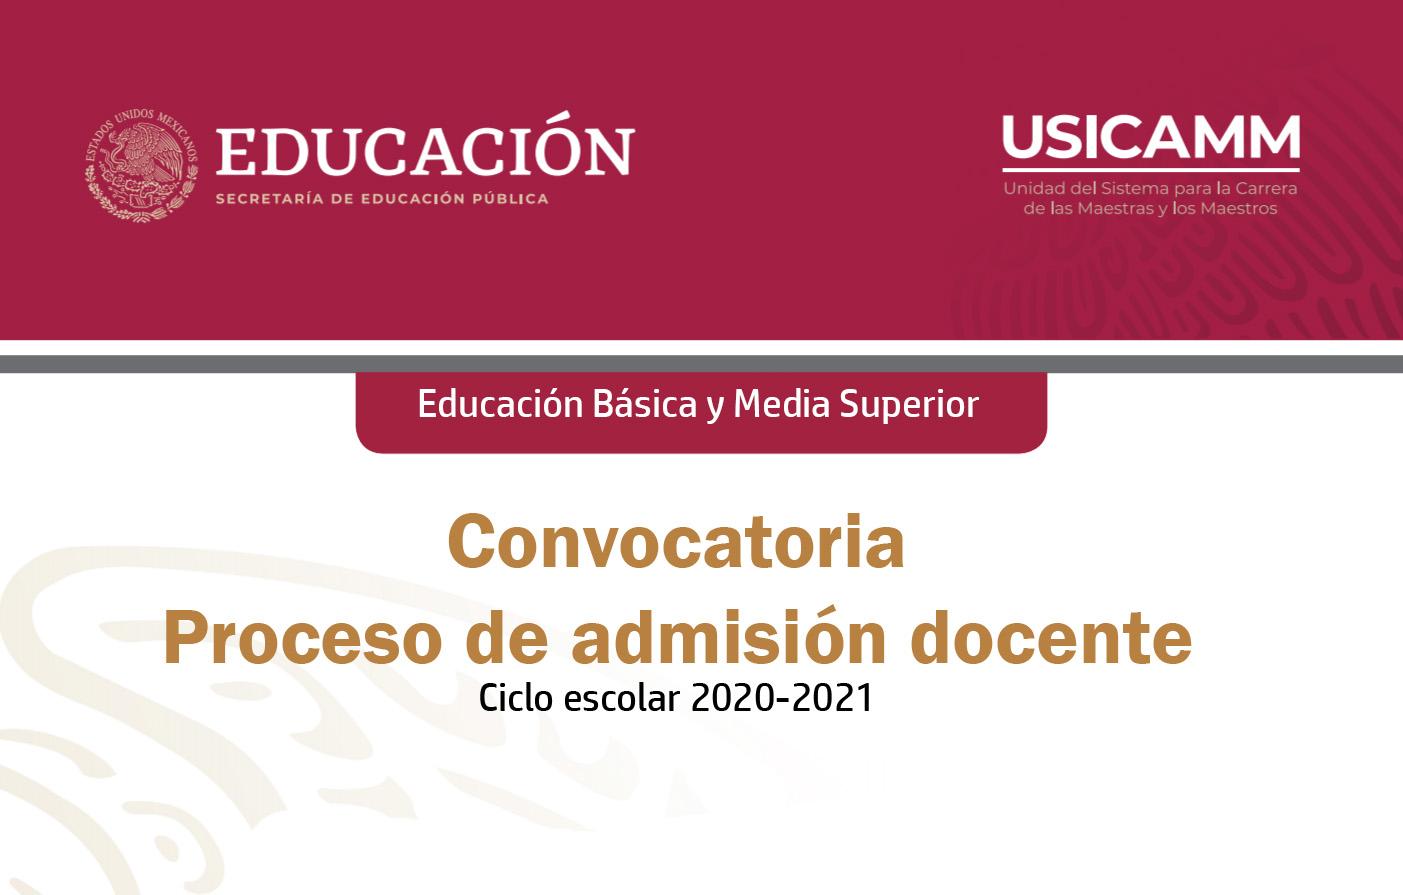 Convocatoria proceso de admisión docente